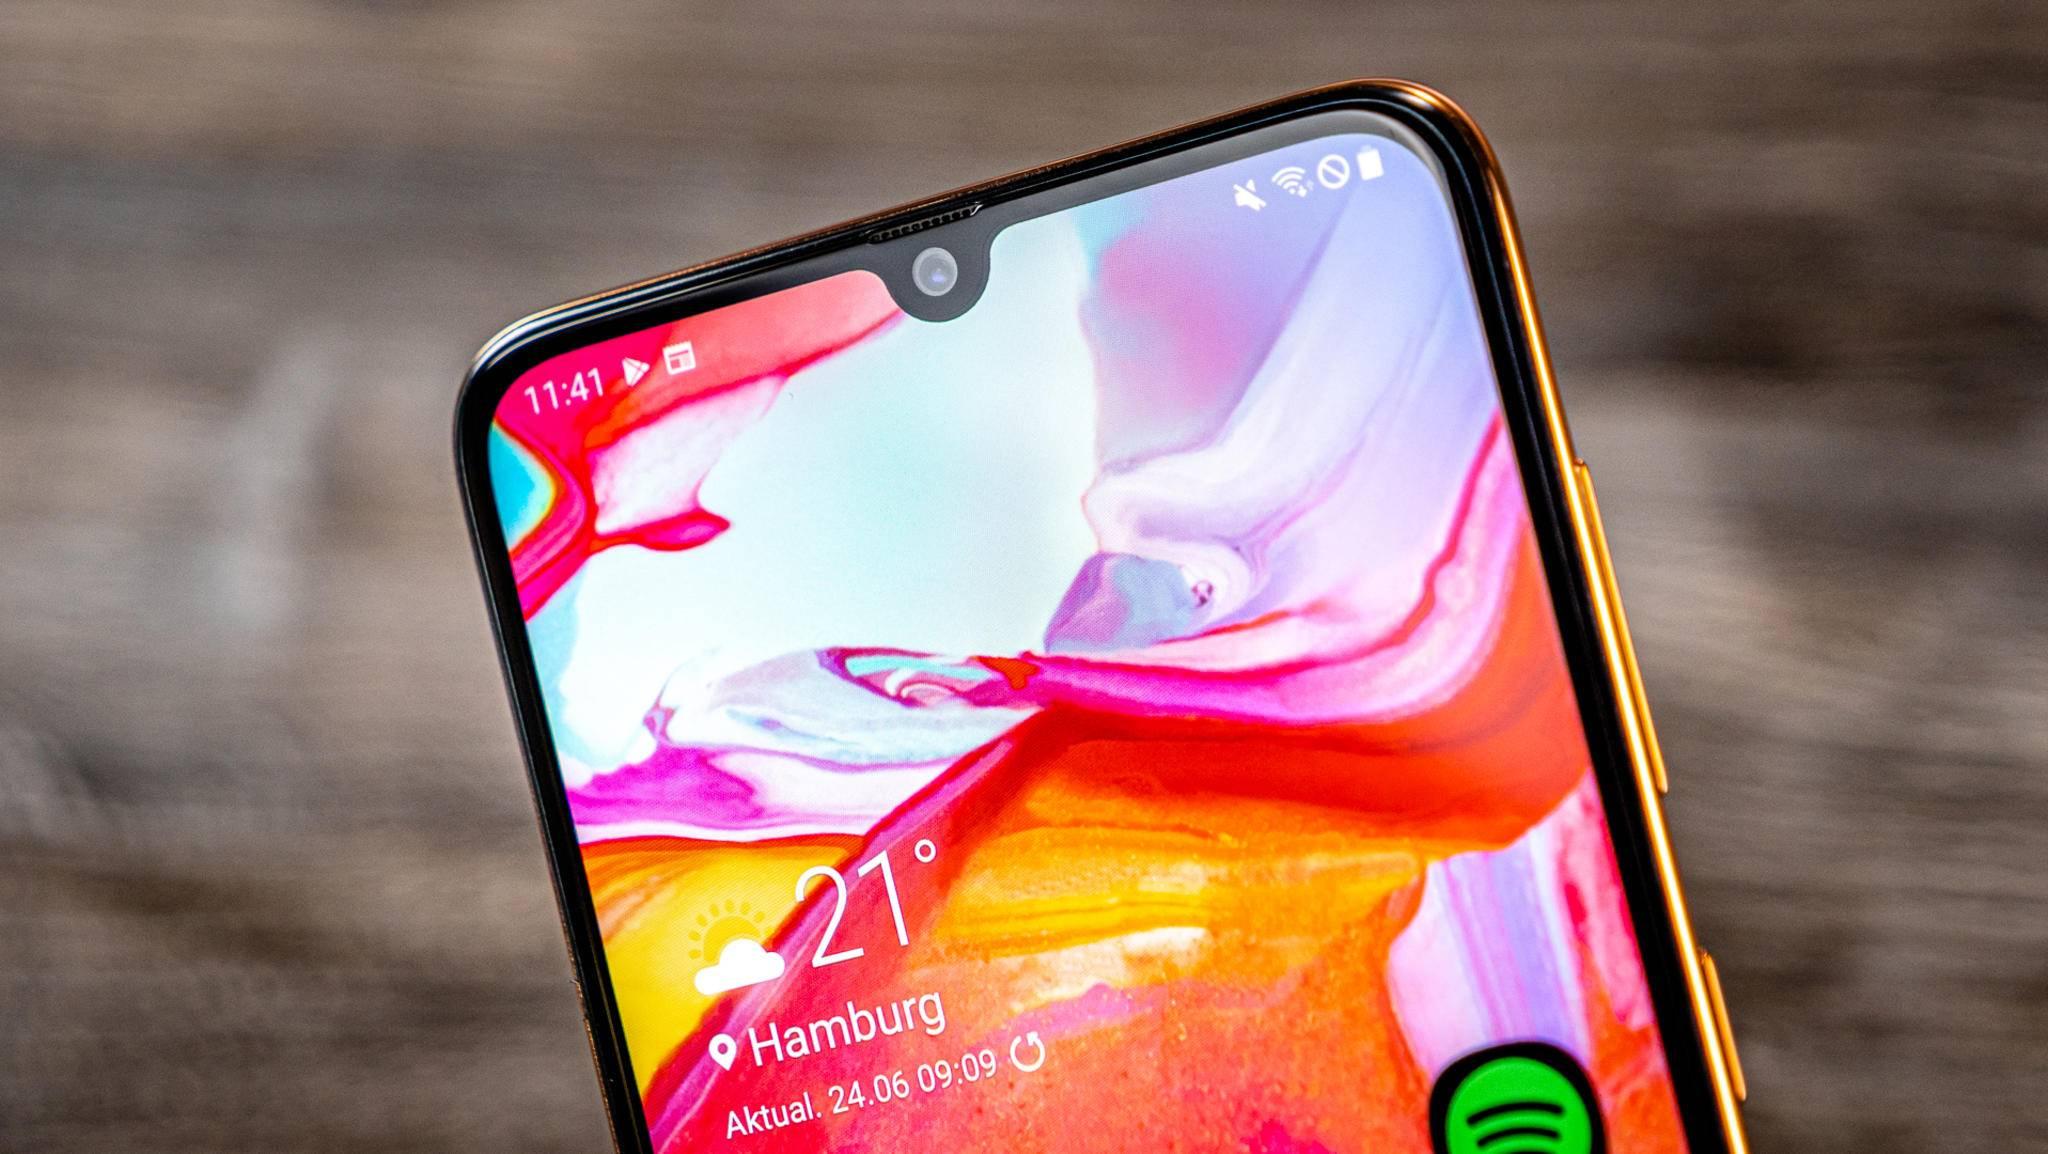 Eine App verspricht Firmware für Samsung-Smartphones (hier das Galaxy A70), leitet aber zu einer Werbe-Website um.